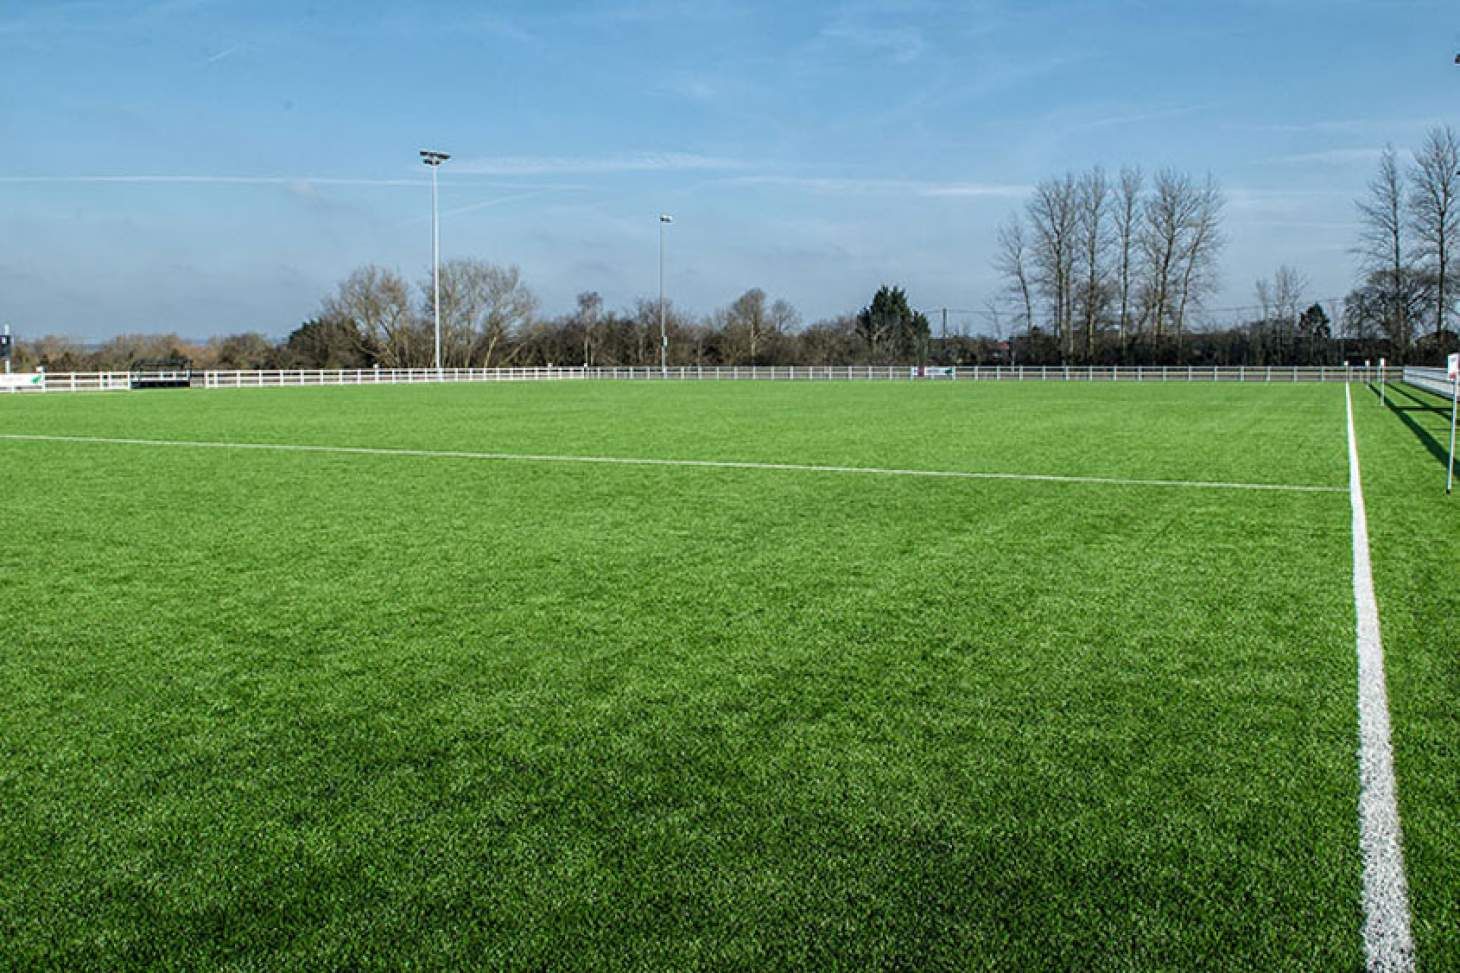 PlayFootball Cheltenham 5 a side | 3G Astroturf football pitch